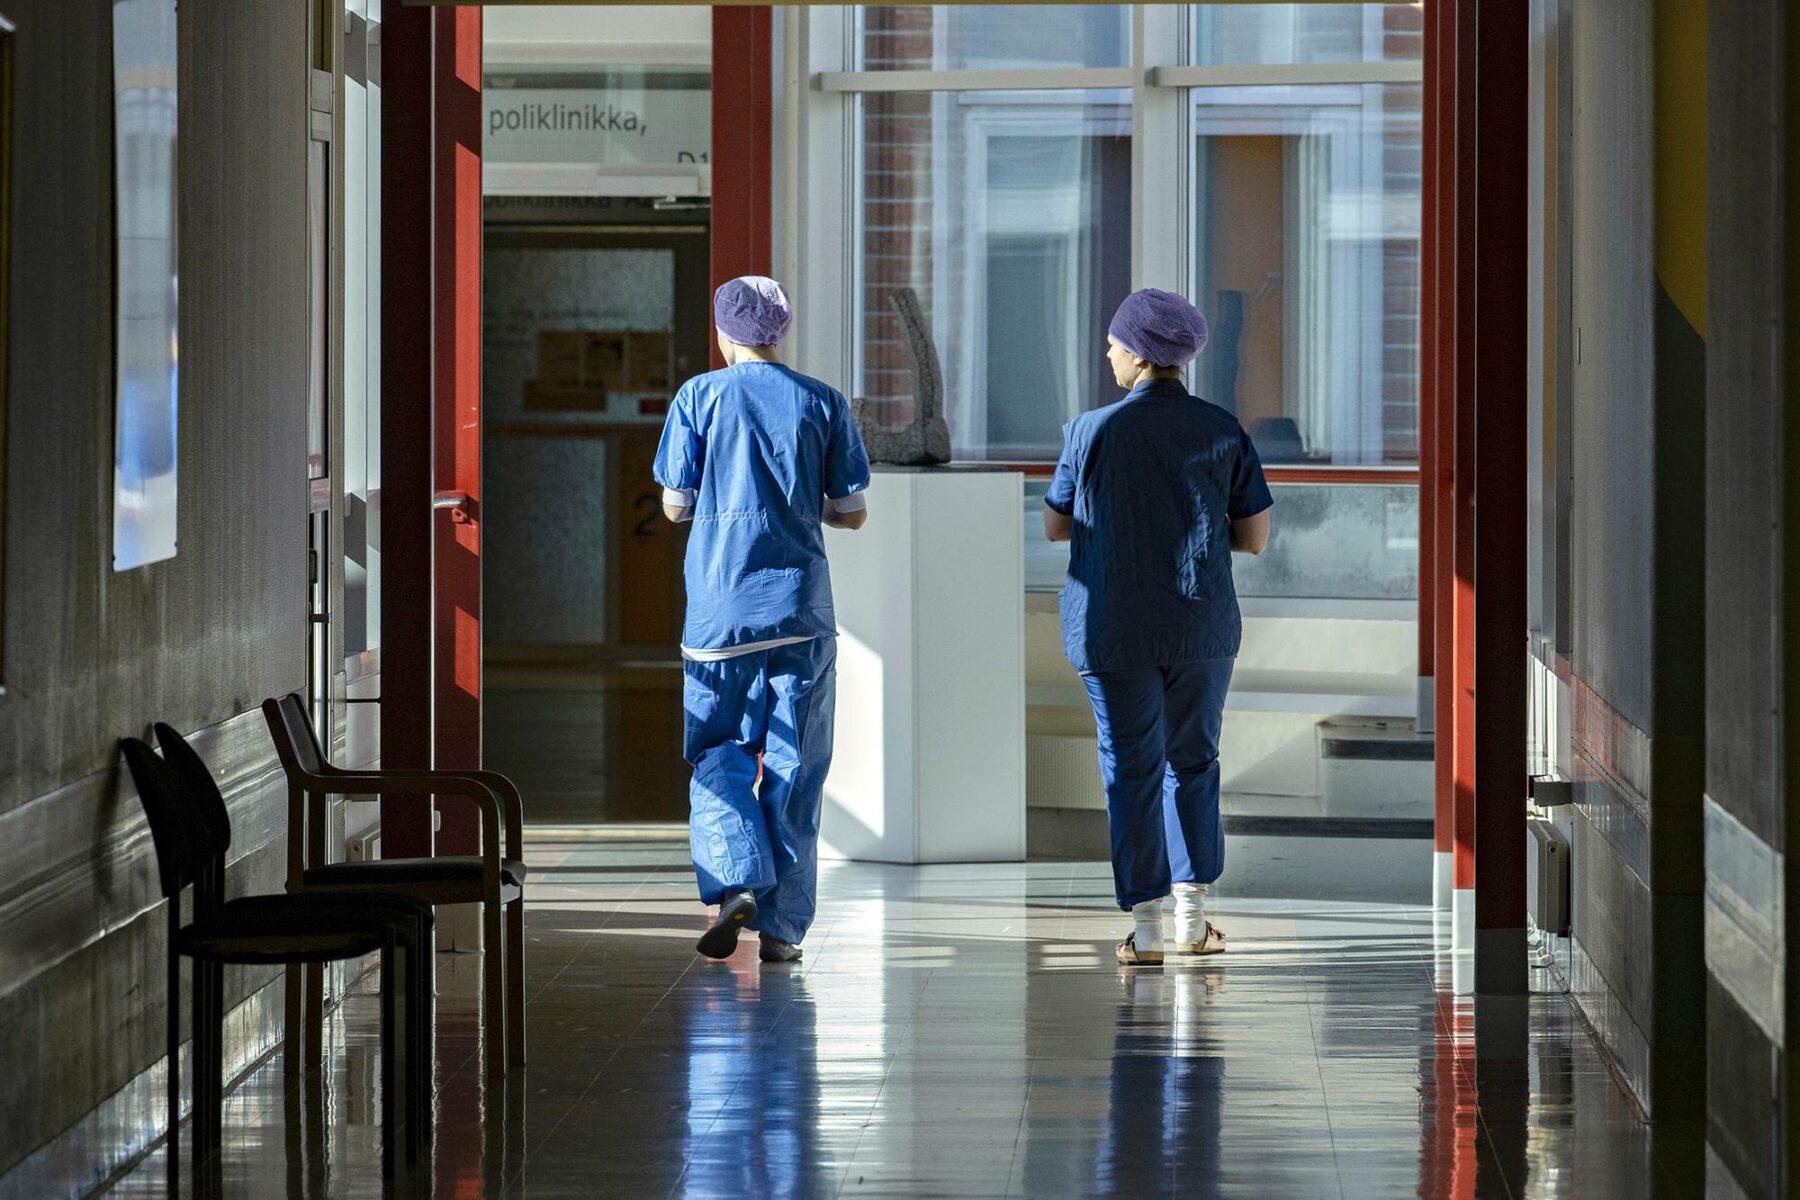 Terveydenhuollossa työajan lyhentäminen voisi parantaa jaksamista ja työssä viihtymistä. Se taas voisi heijastua tuottavuuteen.